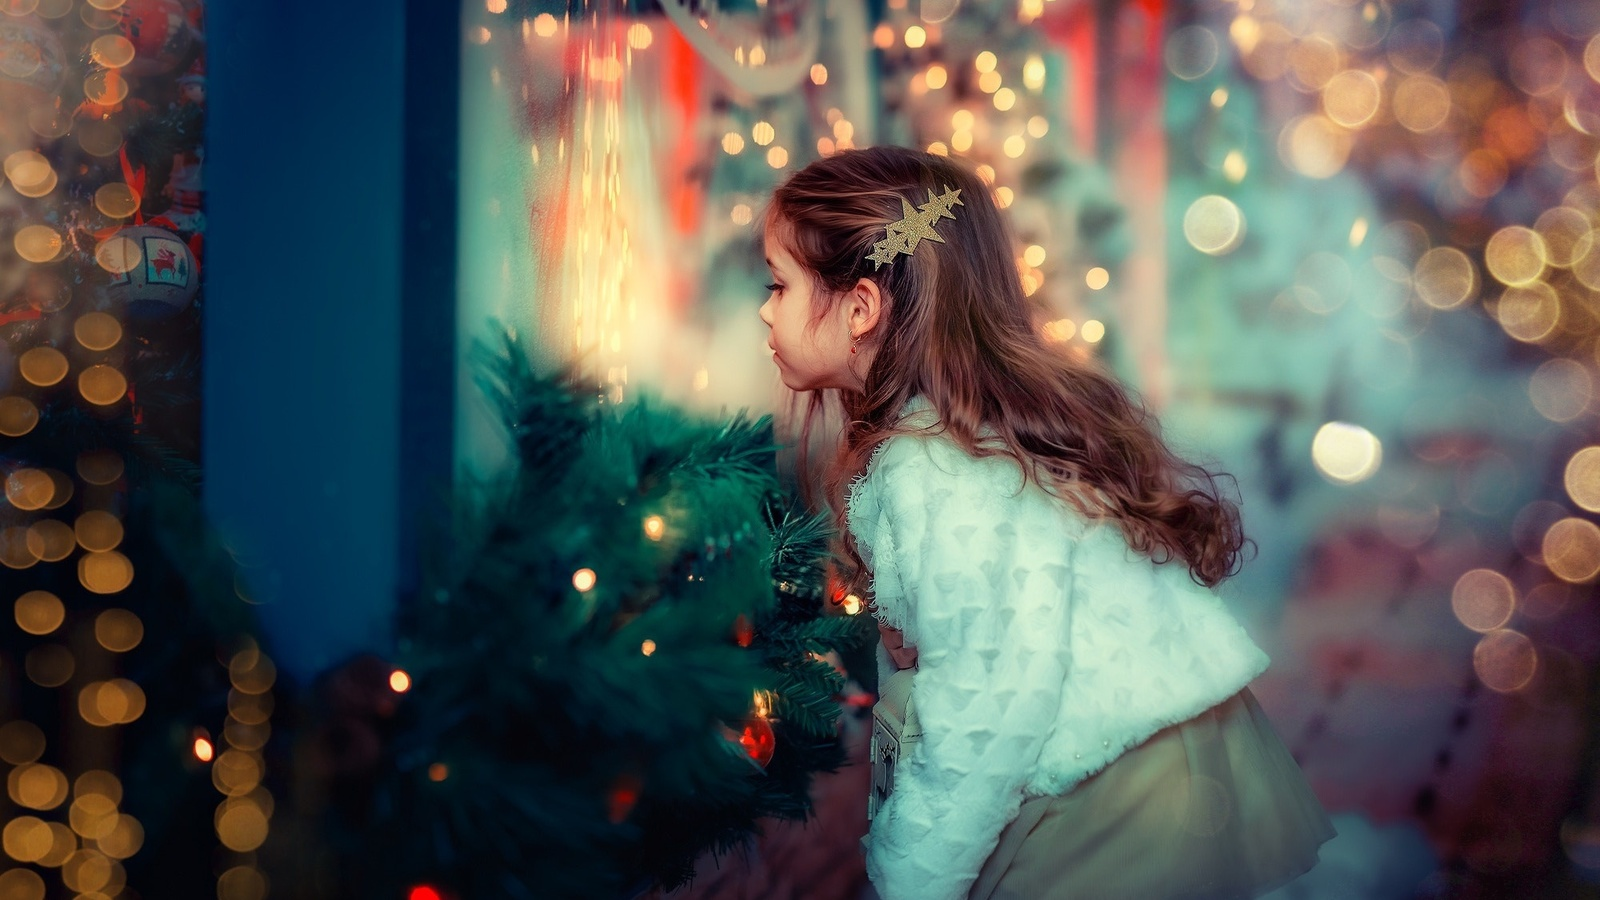 праздник, новый год, рождество, ребёнок, девочка, ёлки, боке, витрина, ekaterina dombrugova